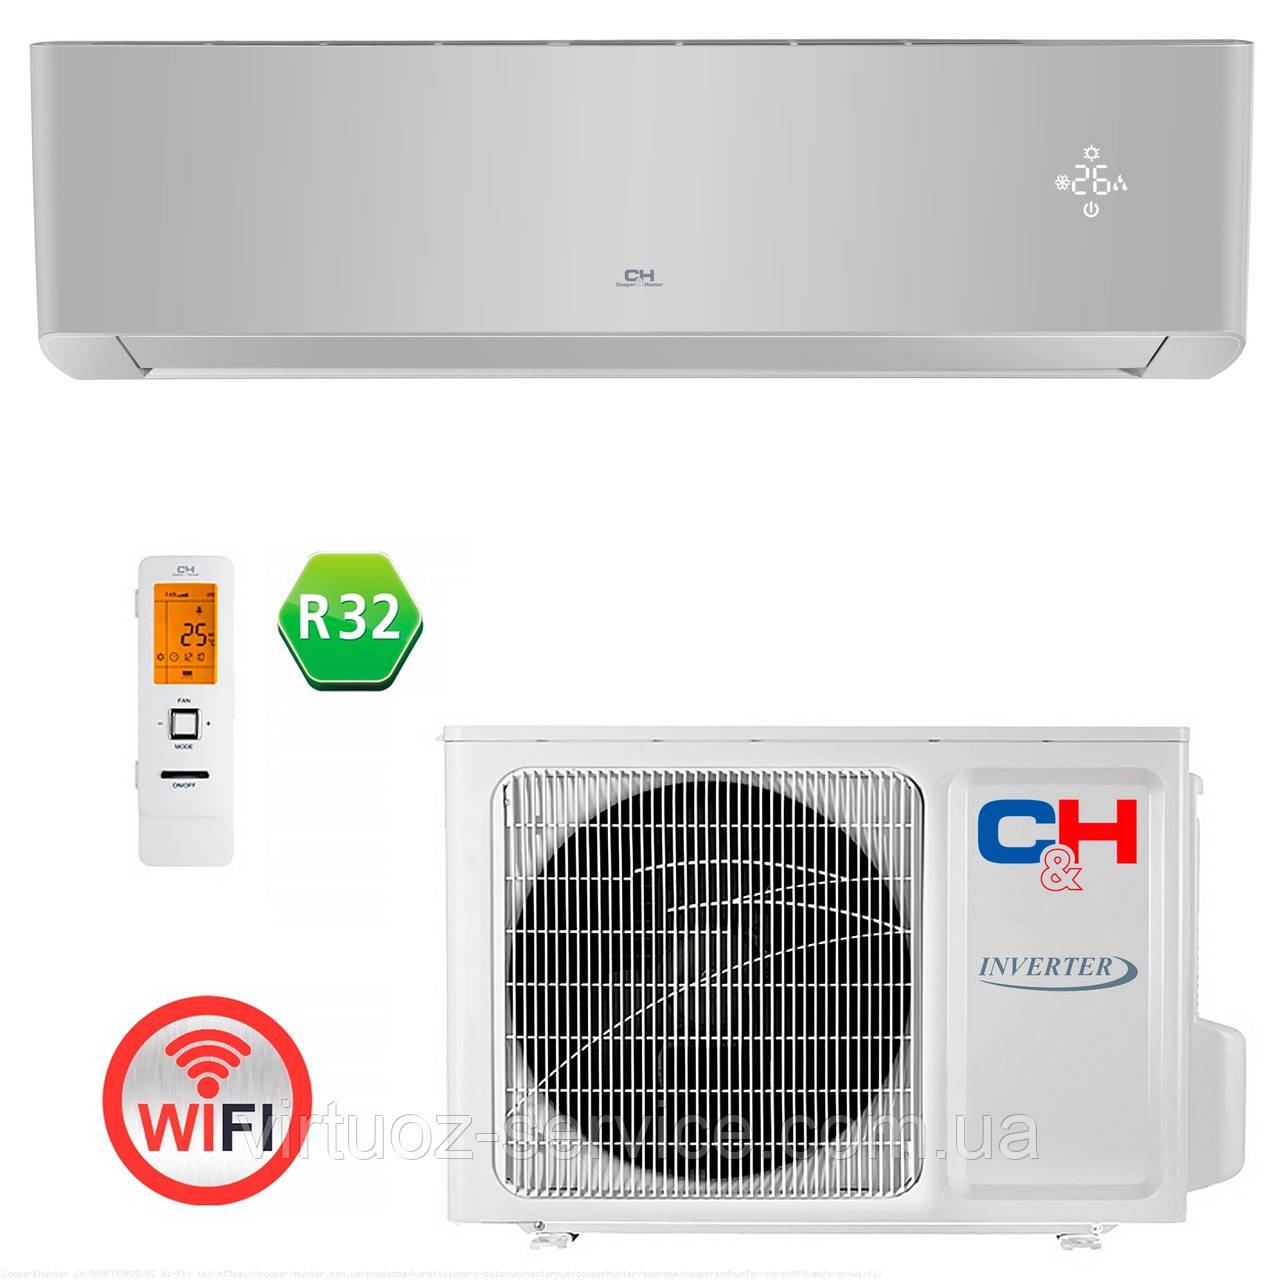 Инверторный кондиционер Cooper&Hunter CH-S09FTXAM2S-SC Wi-Fi